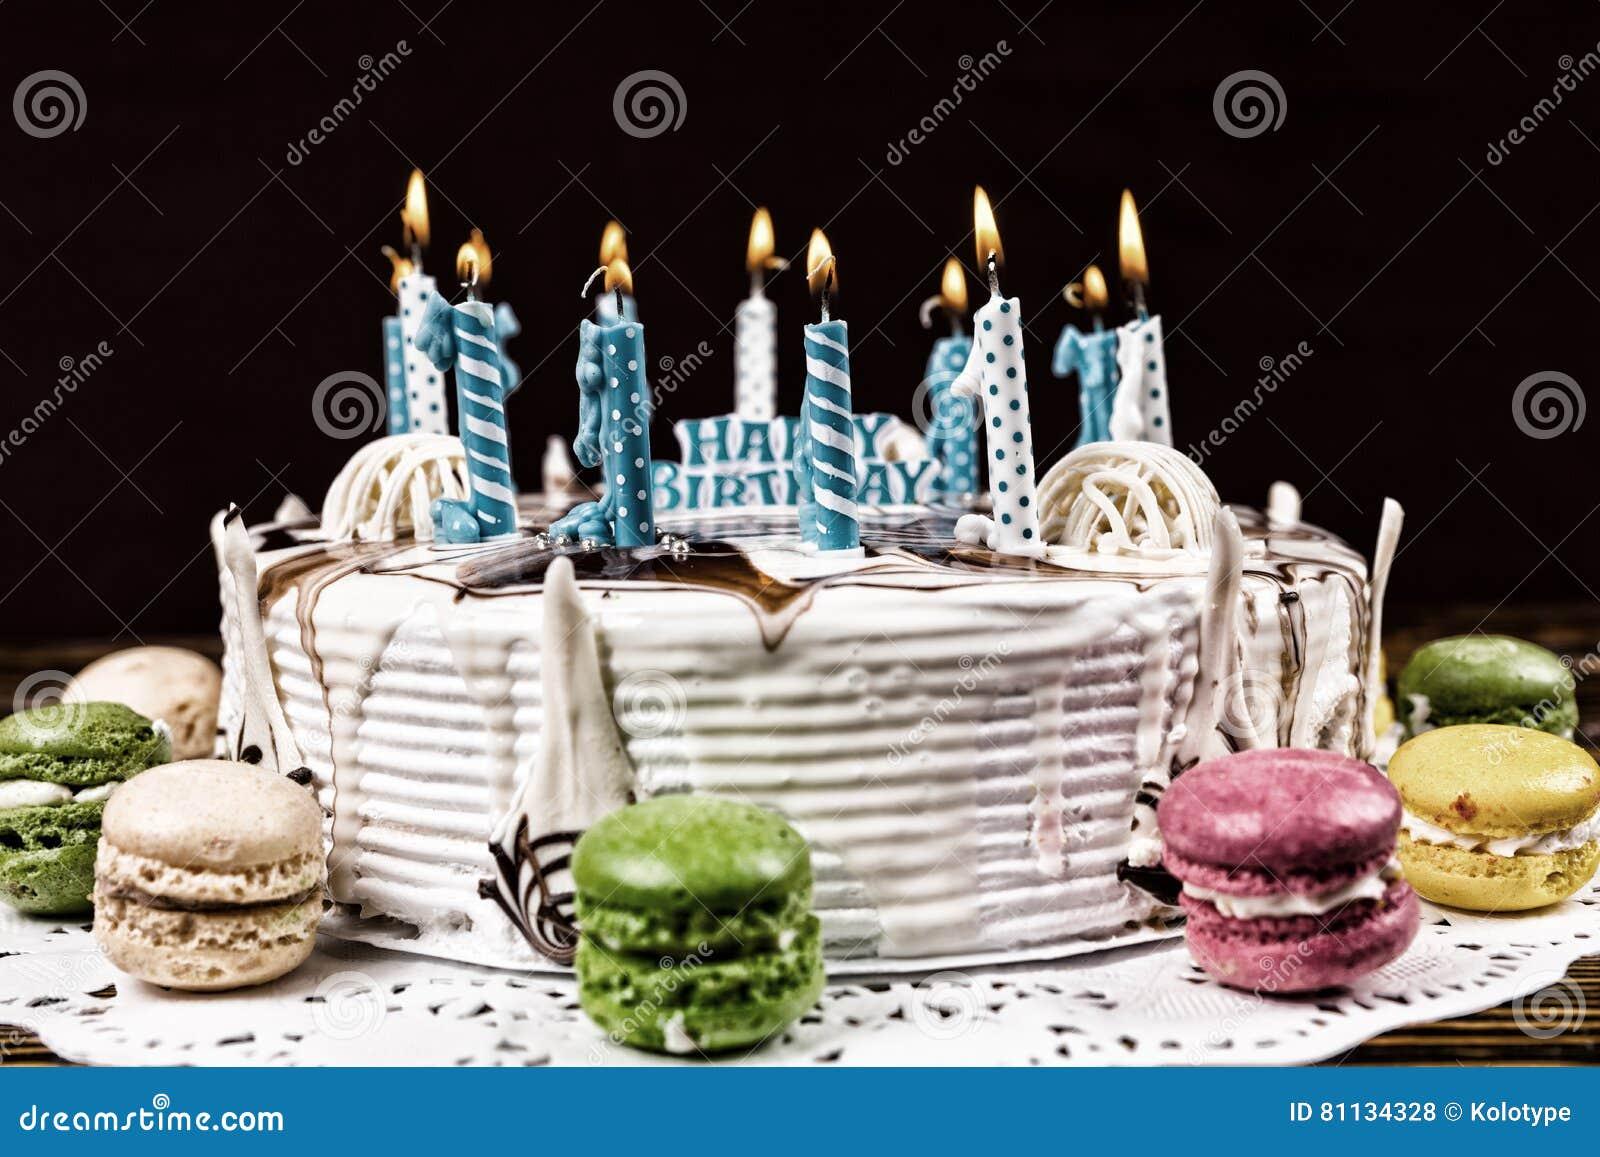 Bon gateau anniversaire